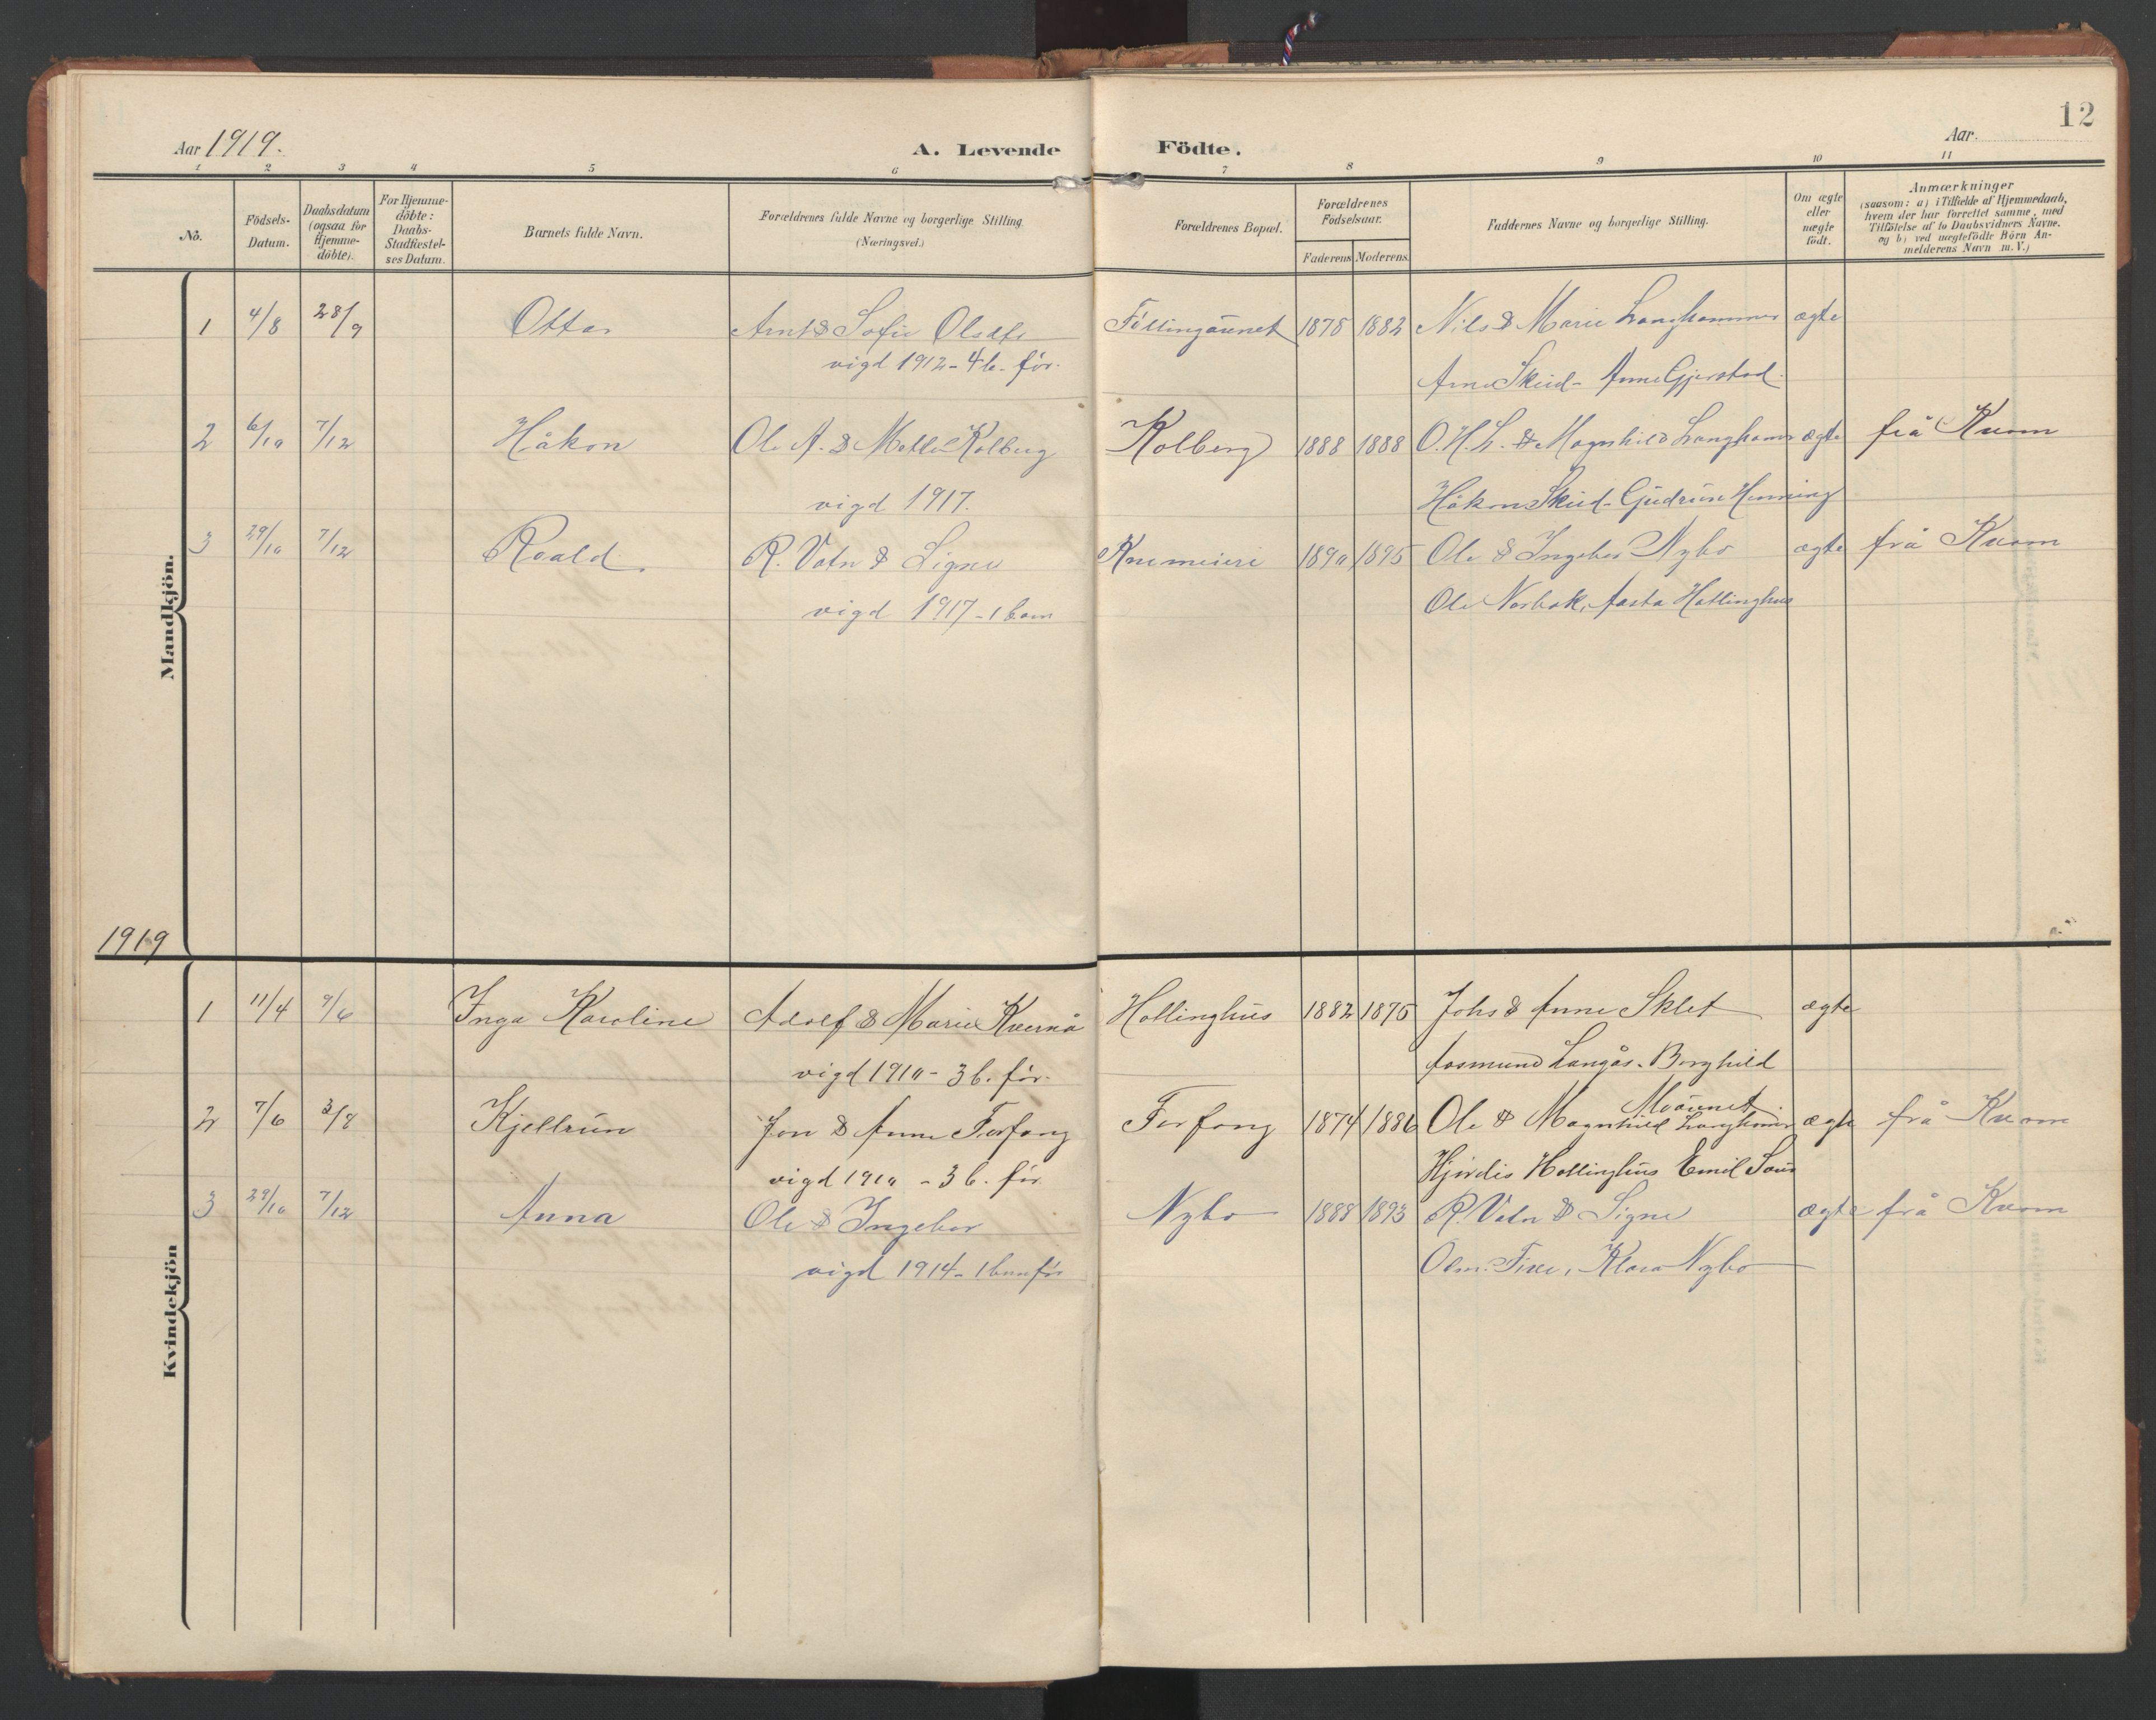 SAT, Ministerialprotokoller, klokkerbøker og fødselsregistre - Nord-Trøndelag, 748/L0465: Klokkerbok nr. 748C01, 1908-1960, s. 12